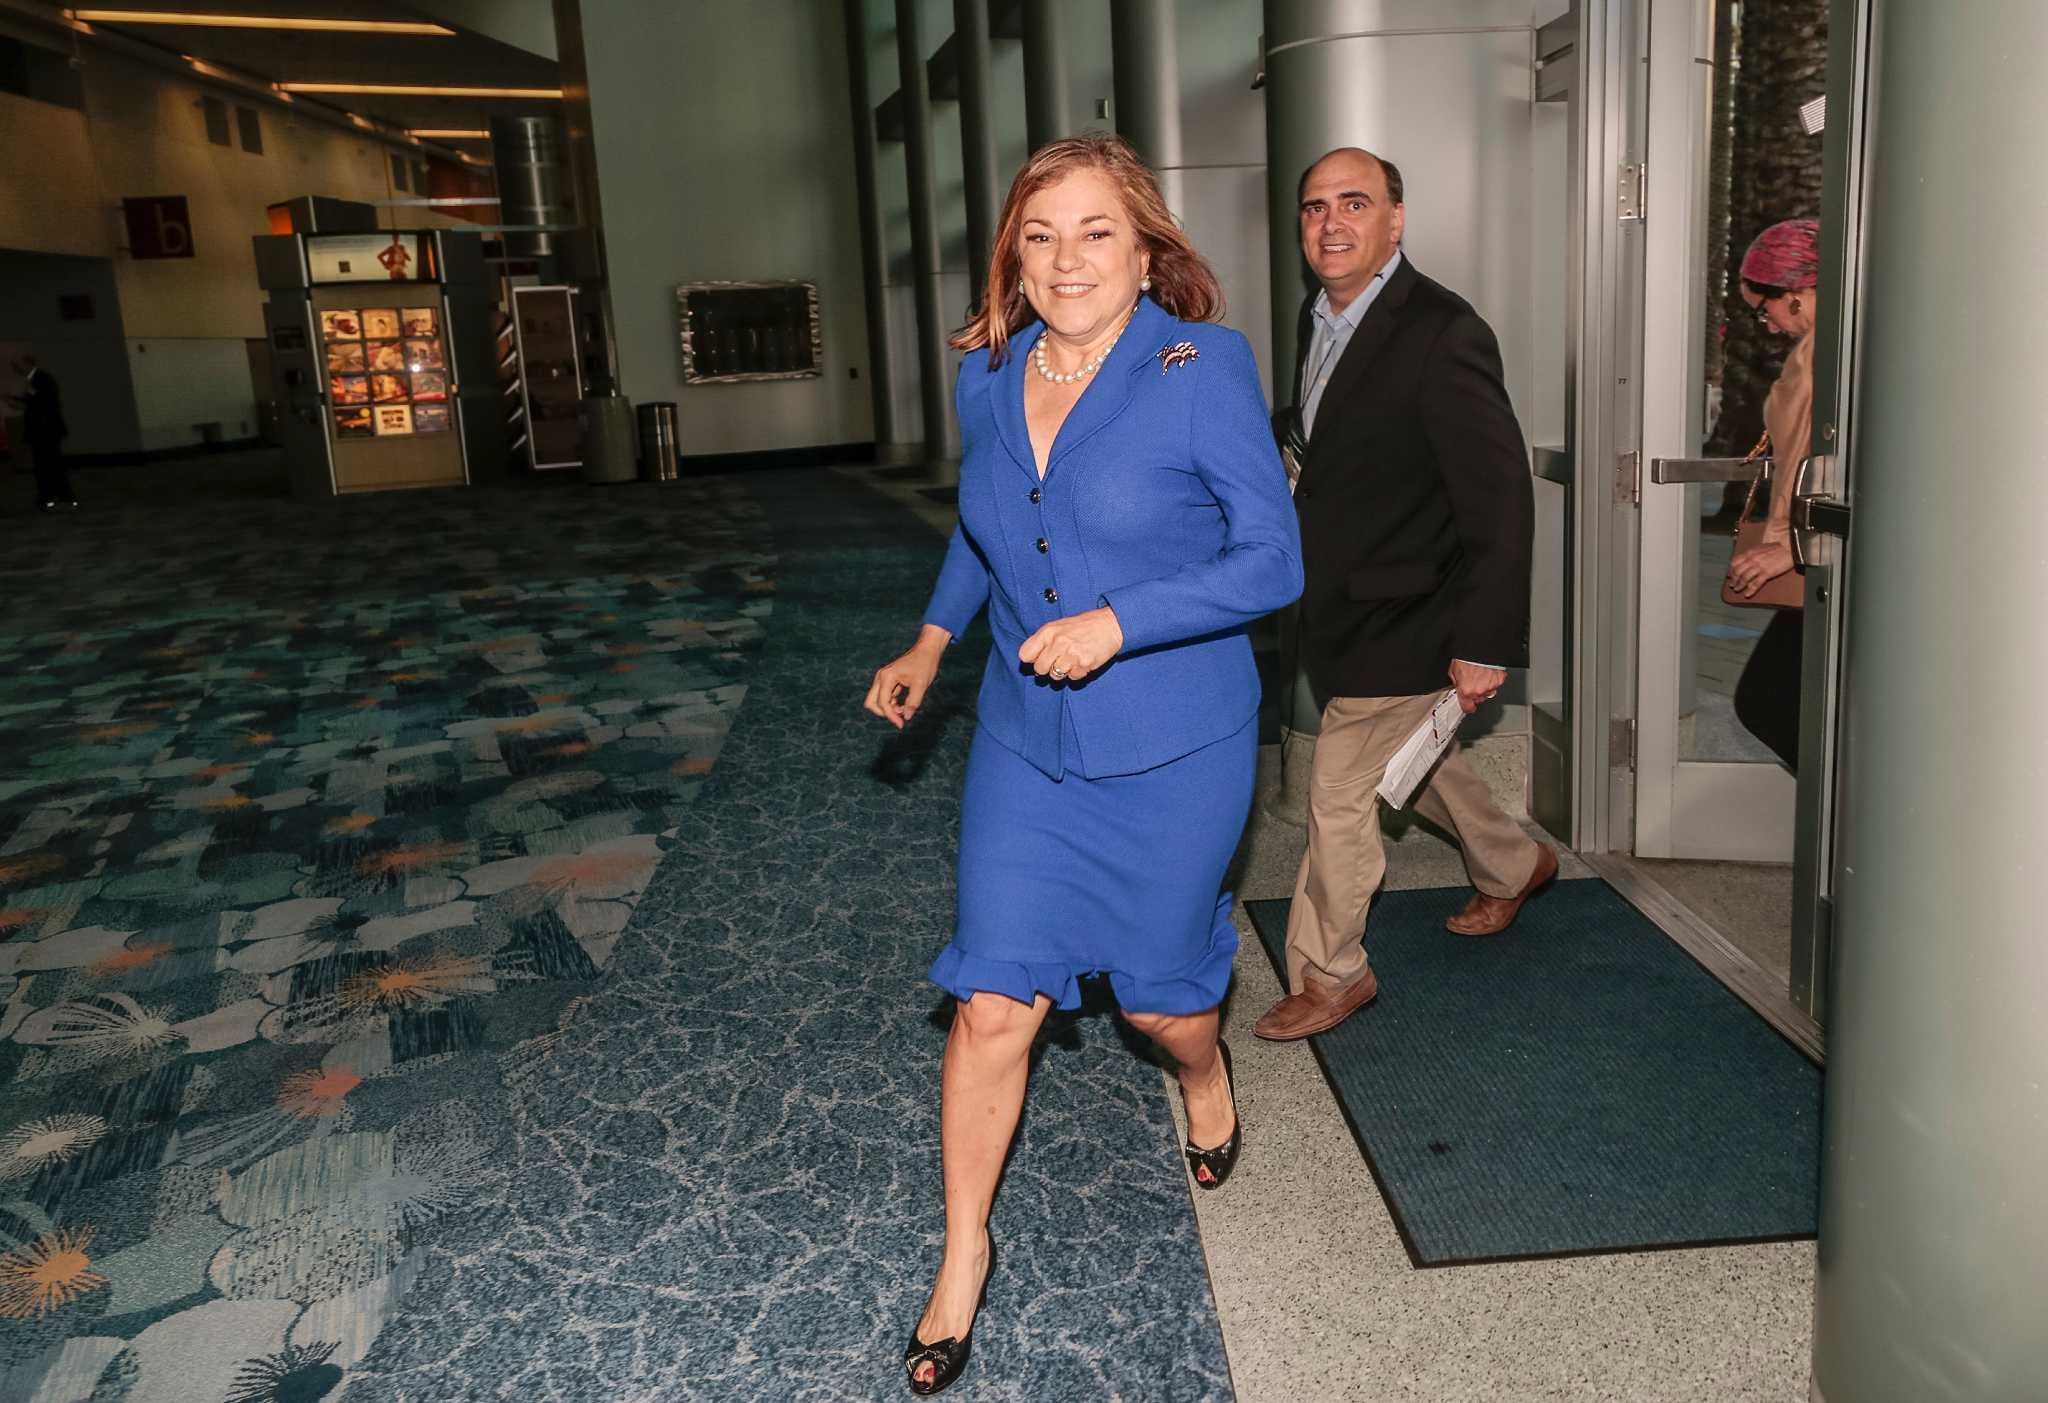 Senate candidate Loretta Sanchez sorry for \'offensive\' remark - SFGate